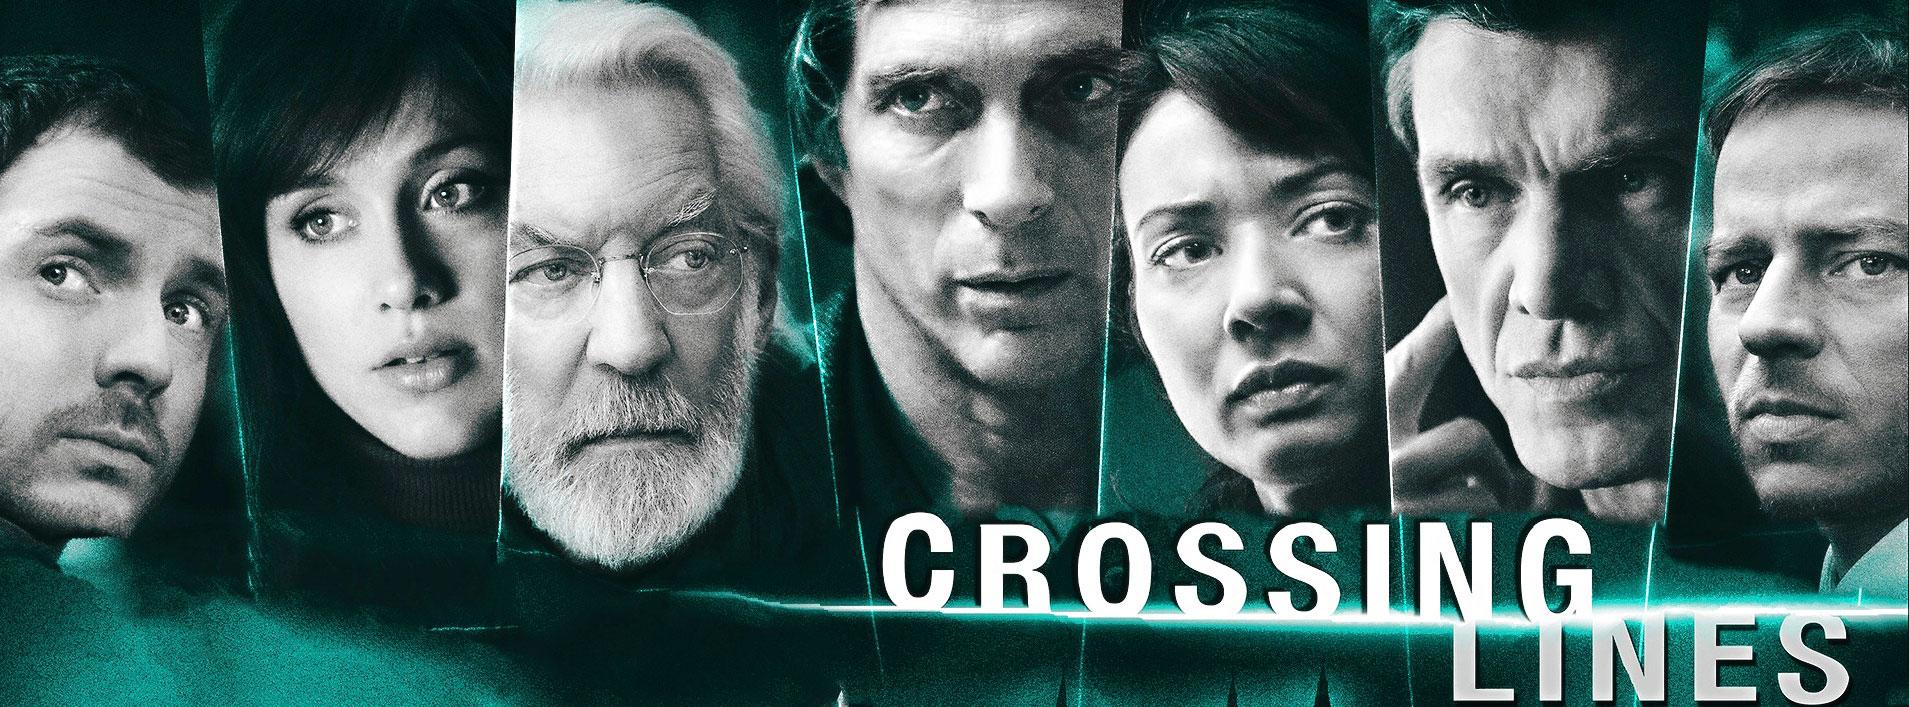 [影集] Crossing Lines (2013~) Crossinglines